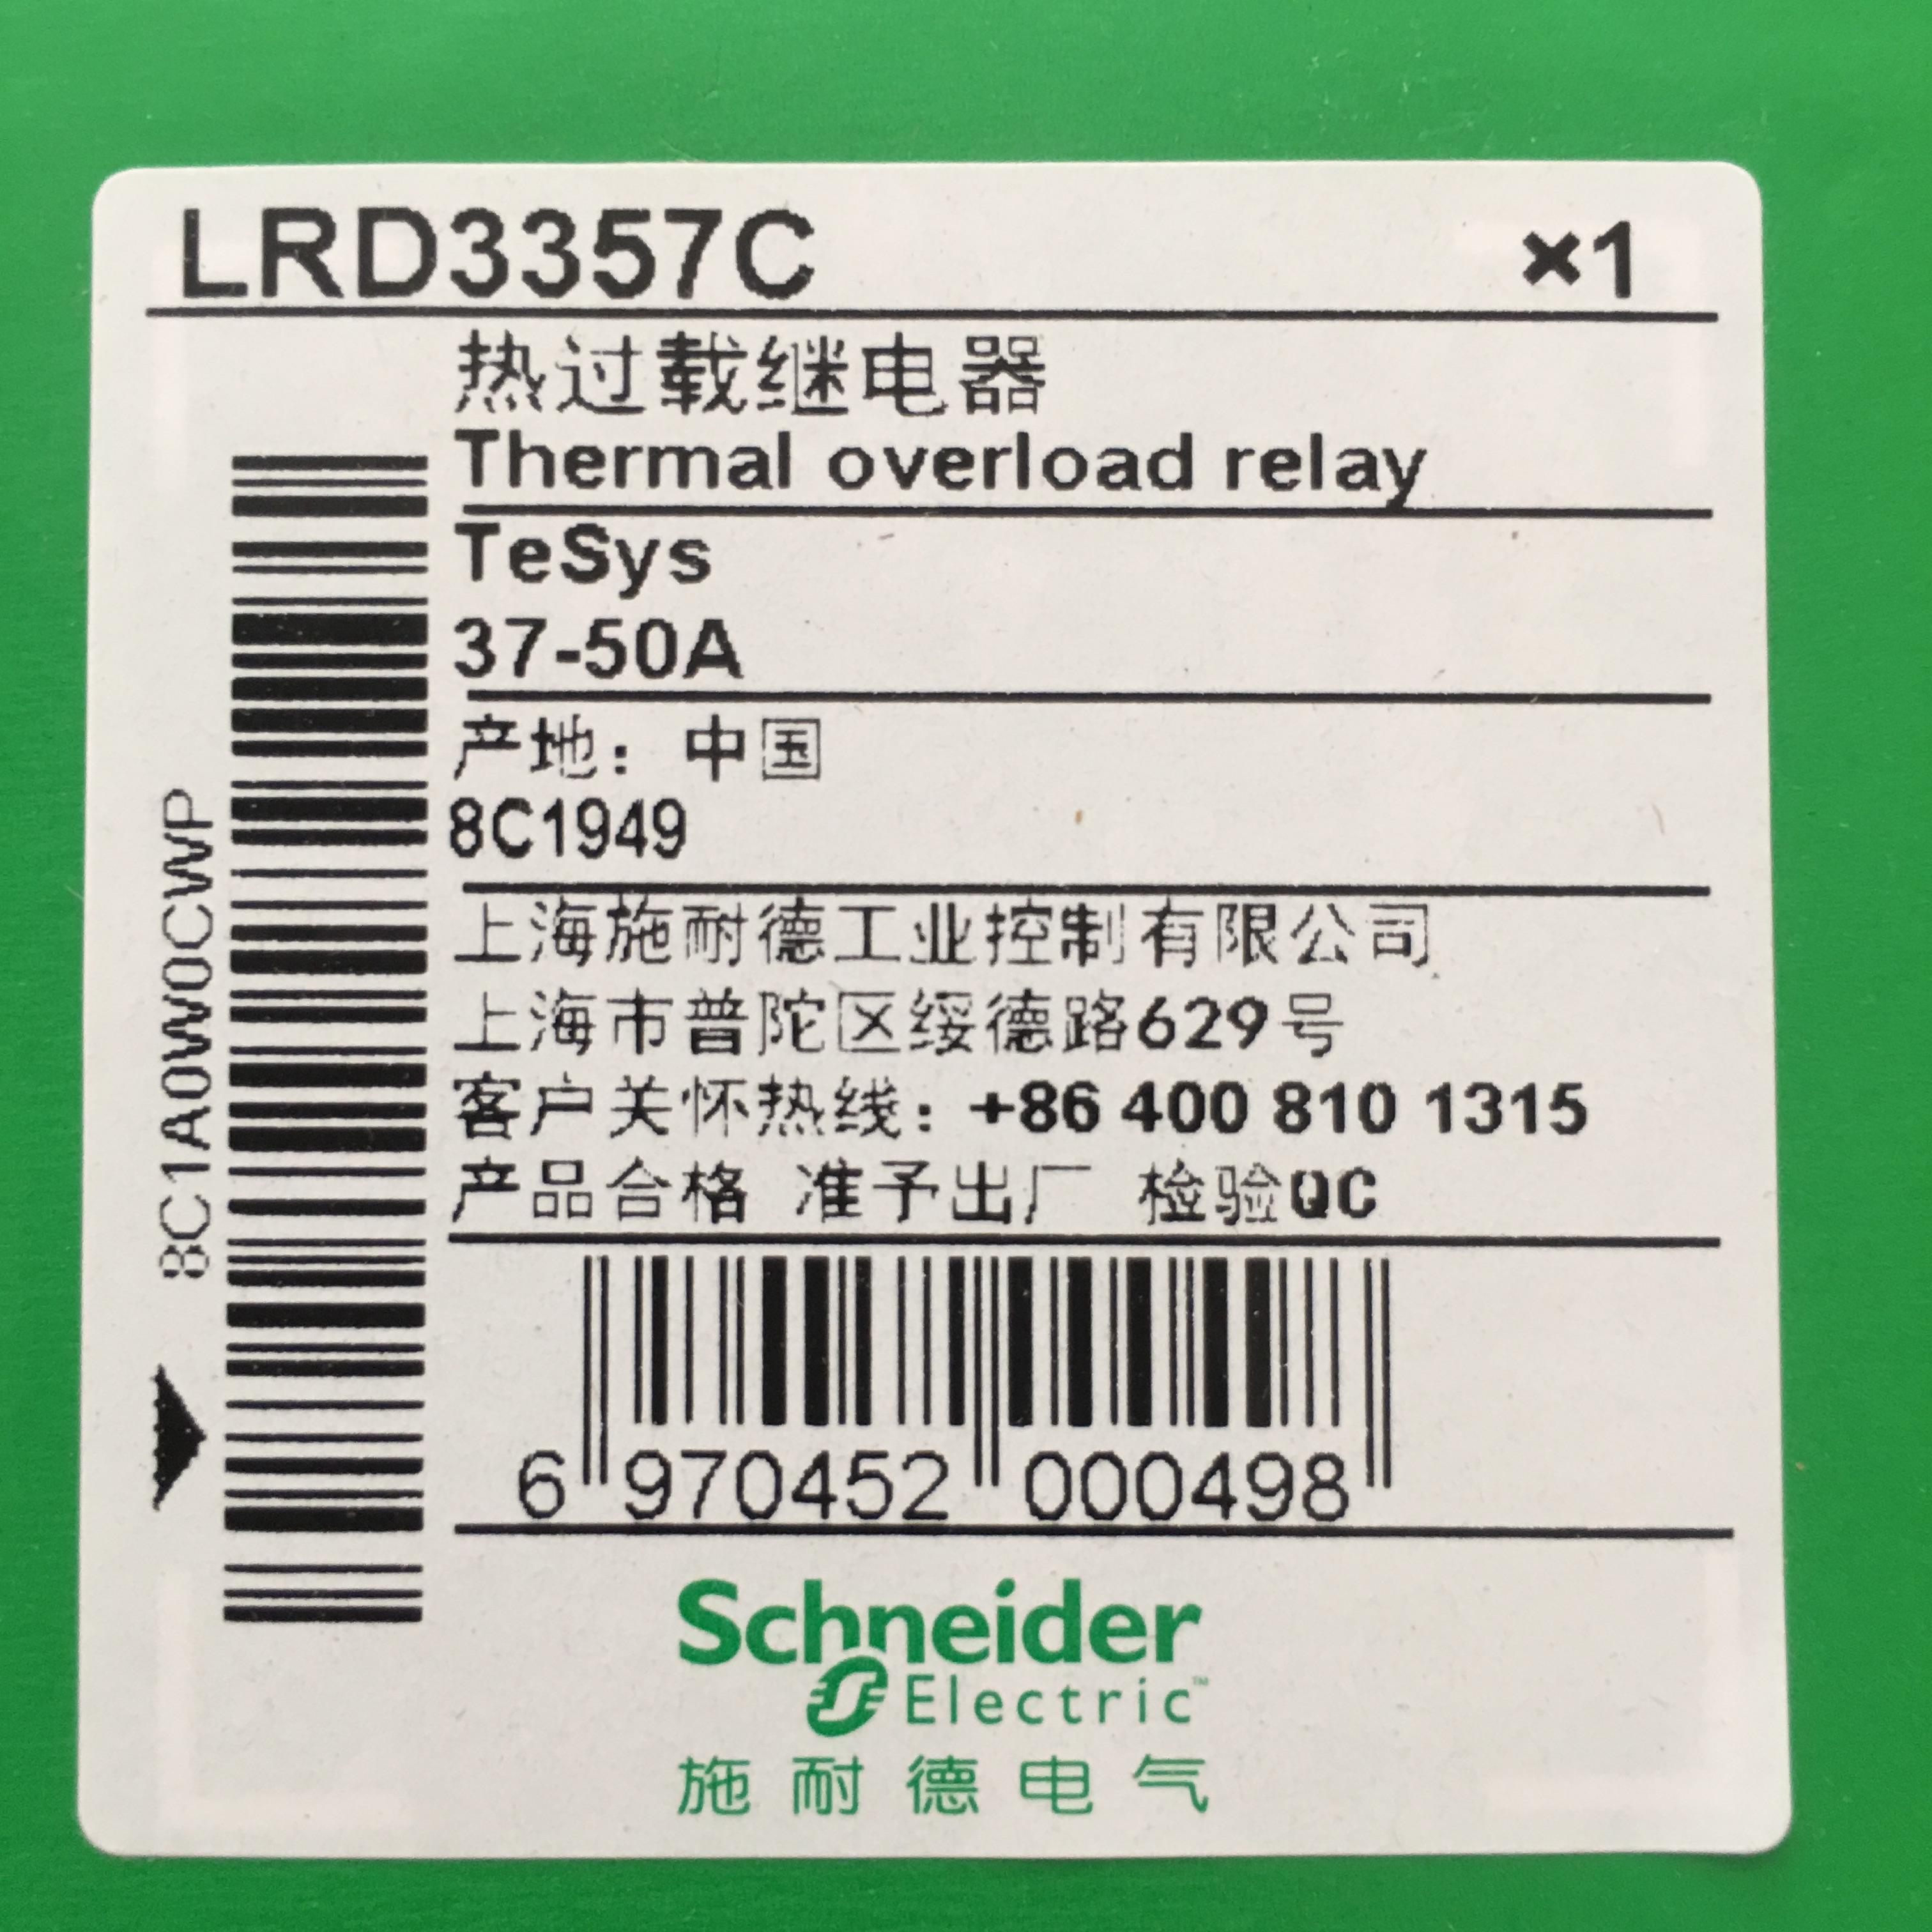 施耐德热过载继电器LRD3357C